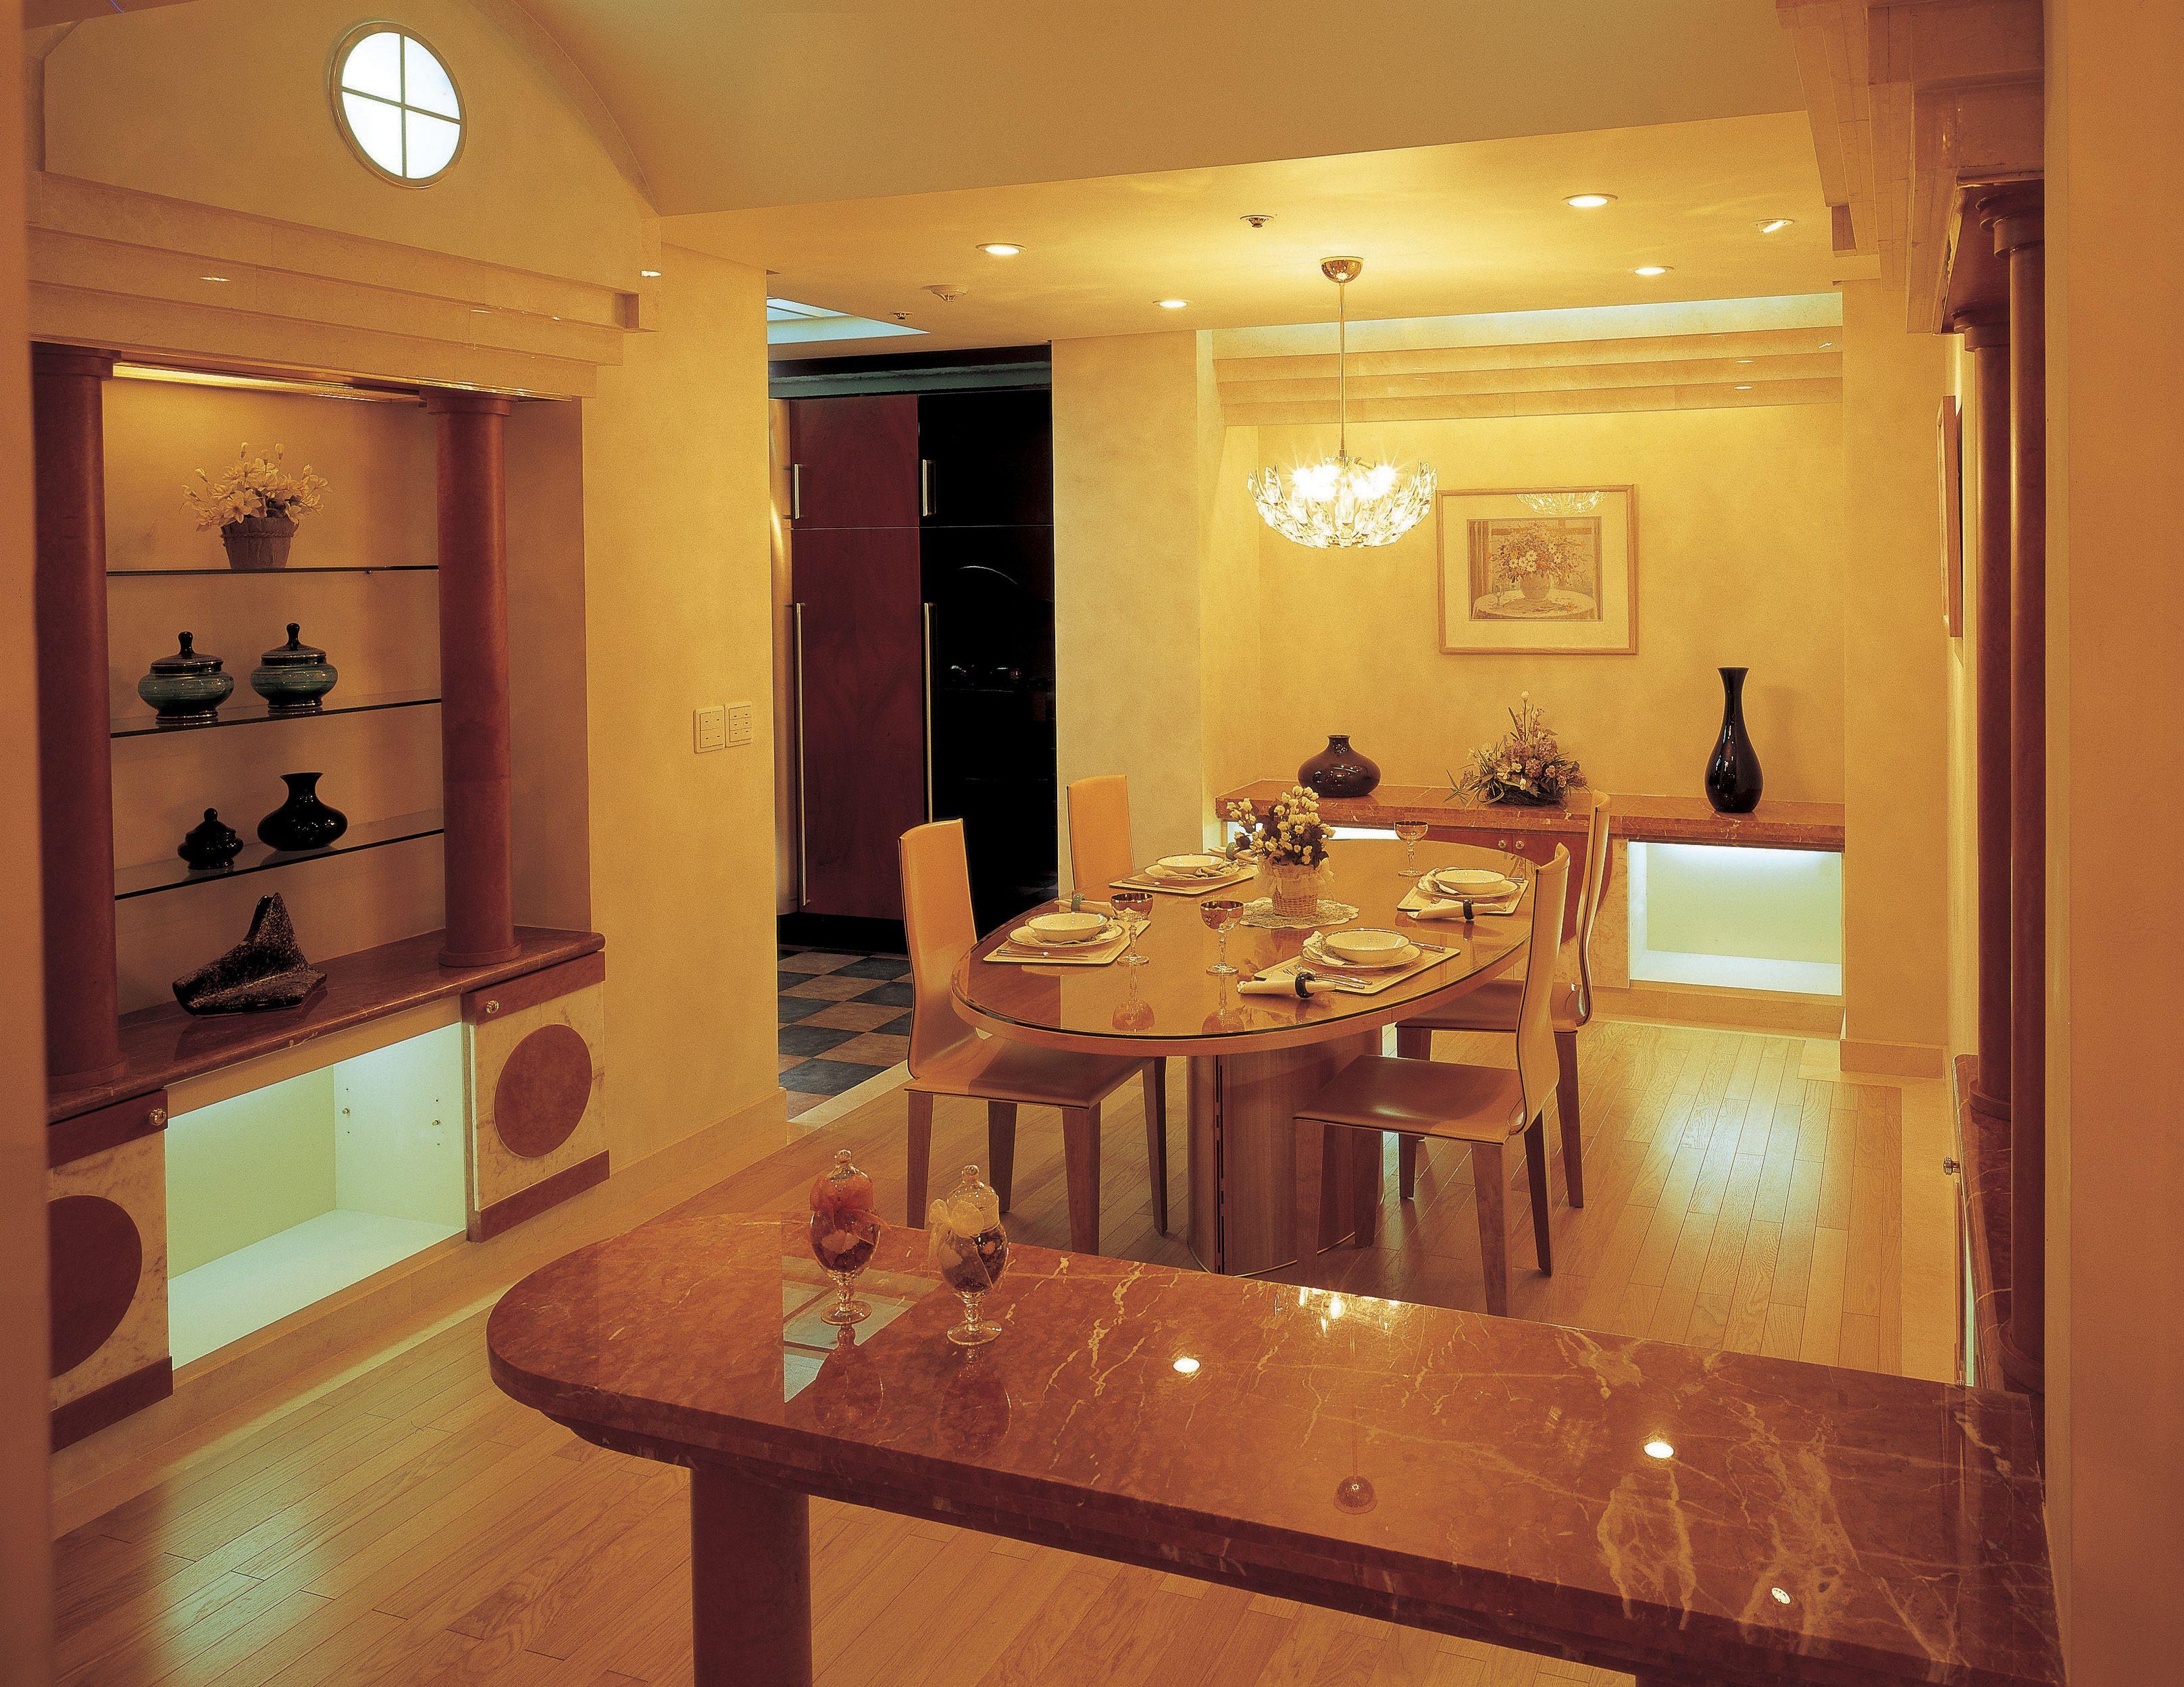 Fotos de casas bonitas para el hogar pinterest - Casas bonitas fotos ...